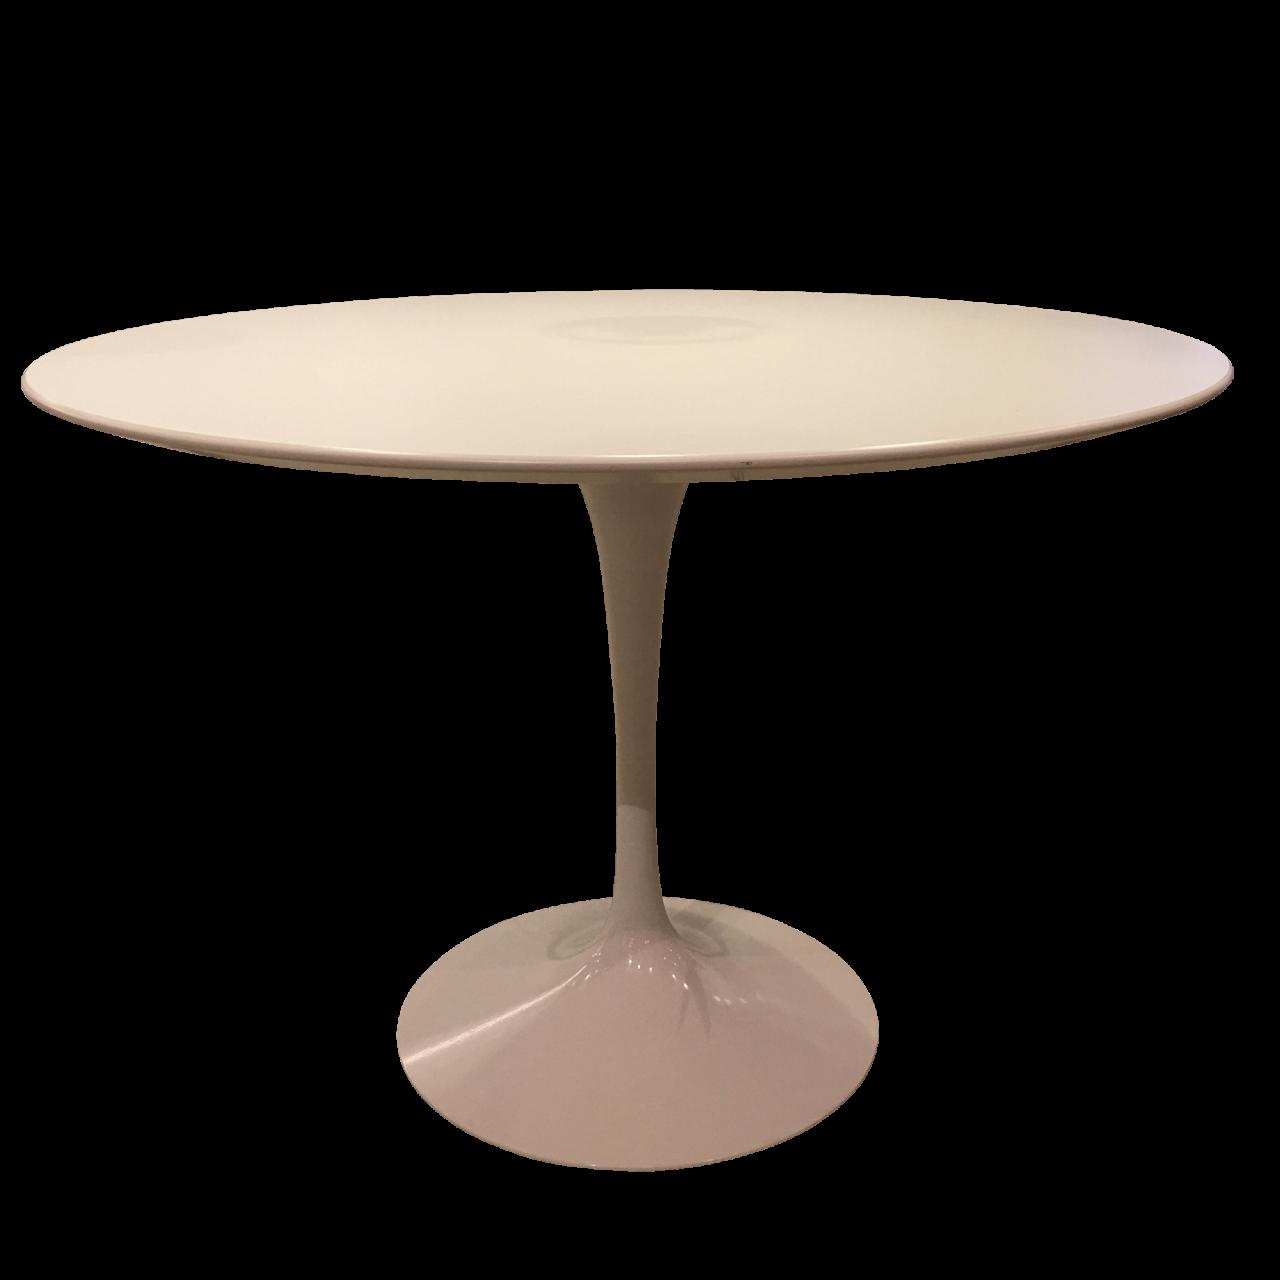 Saarinen Esstisch rund weiß